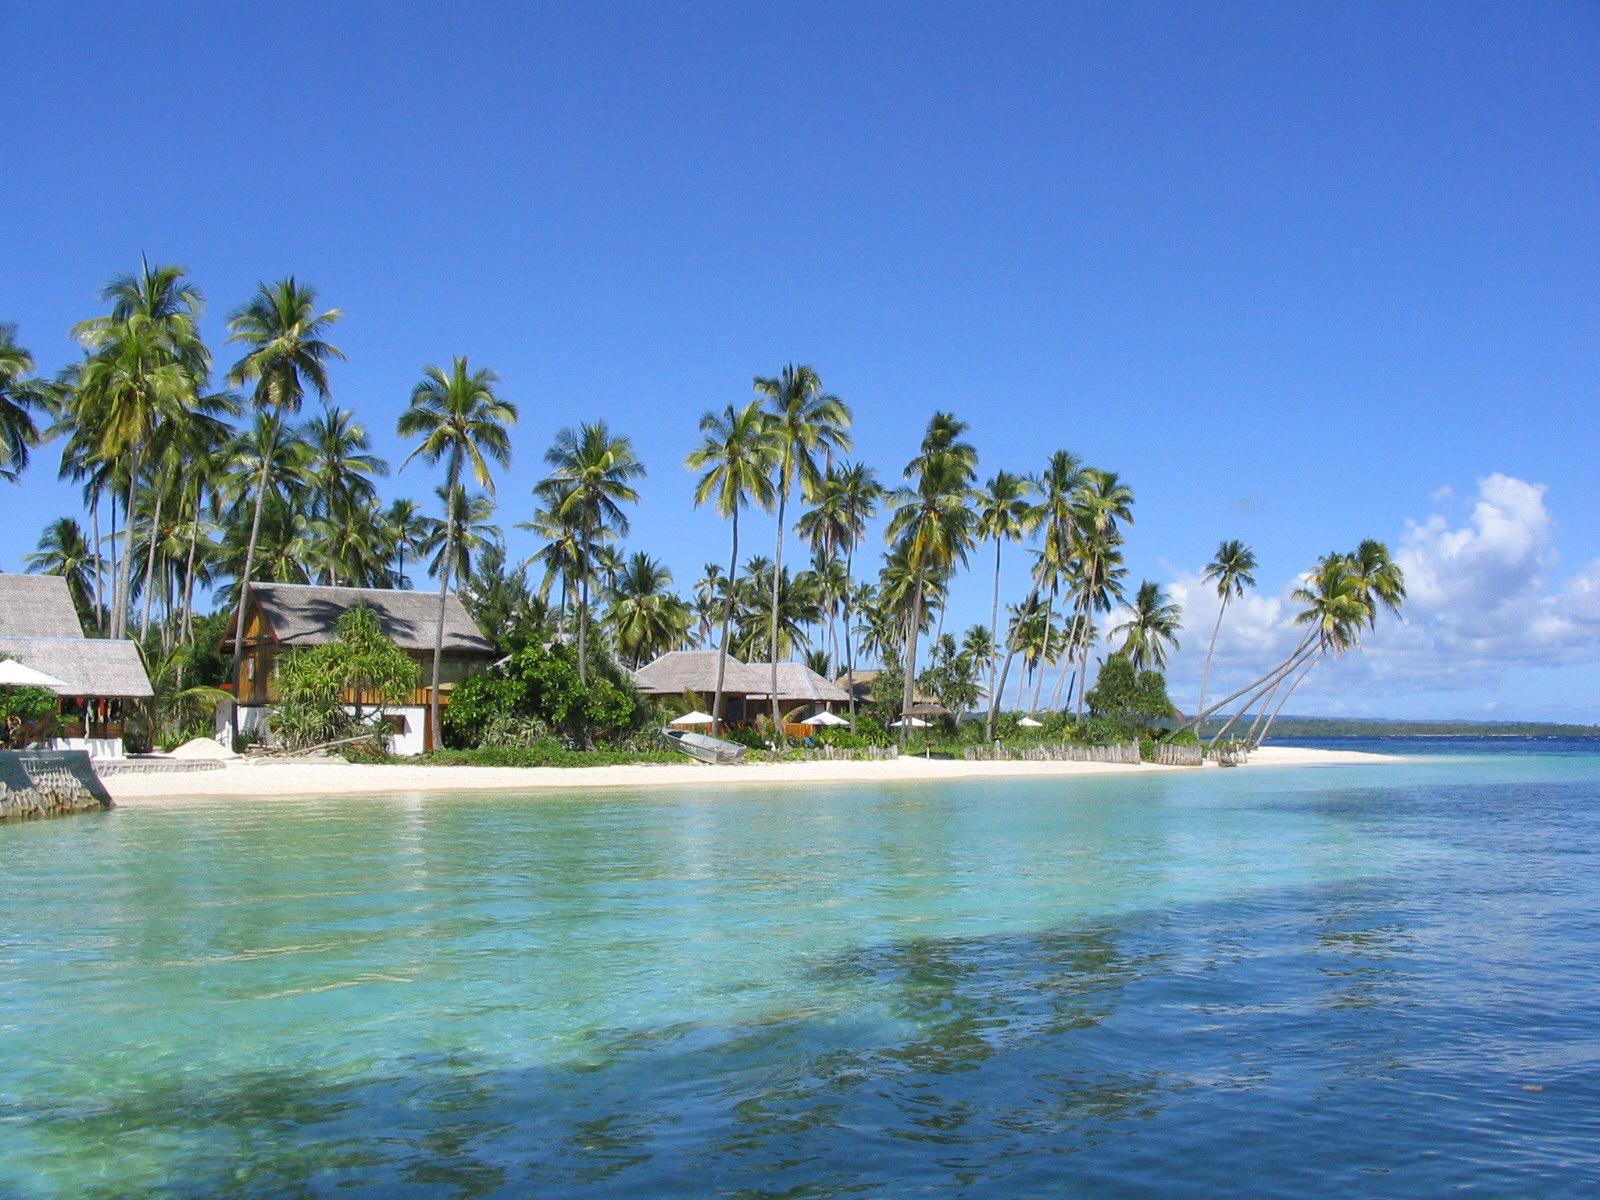 wakatobi national park   natural beauty of indonesia